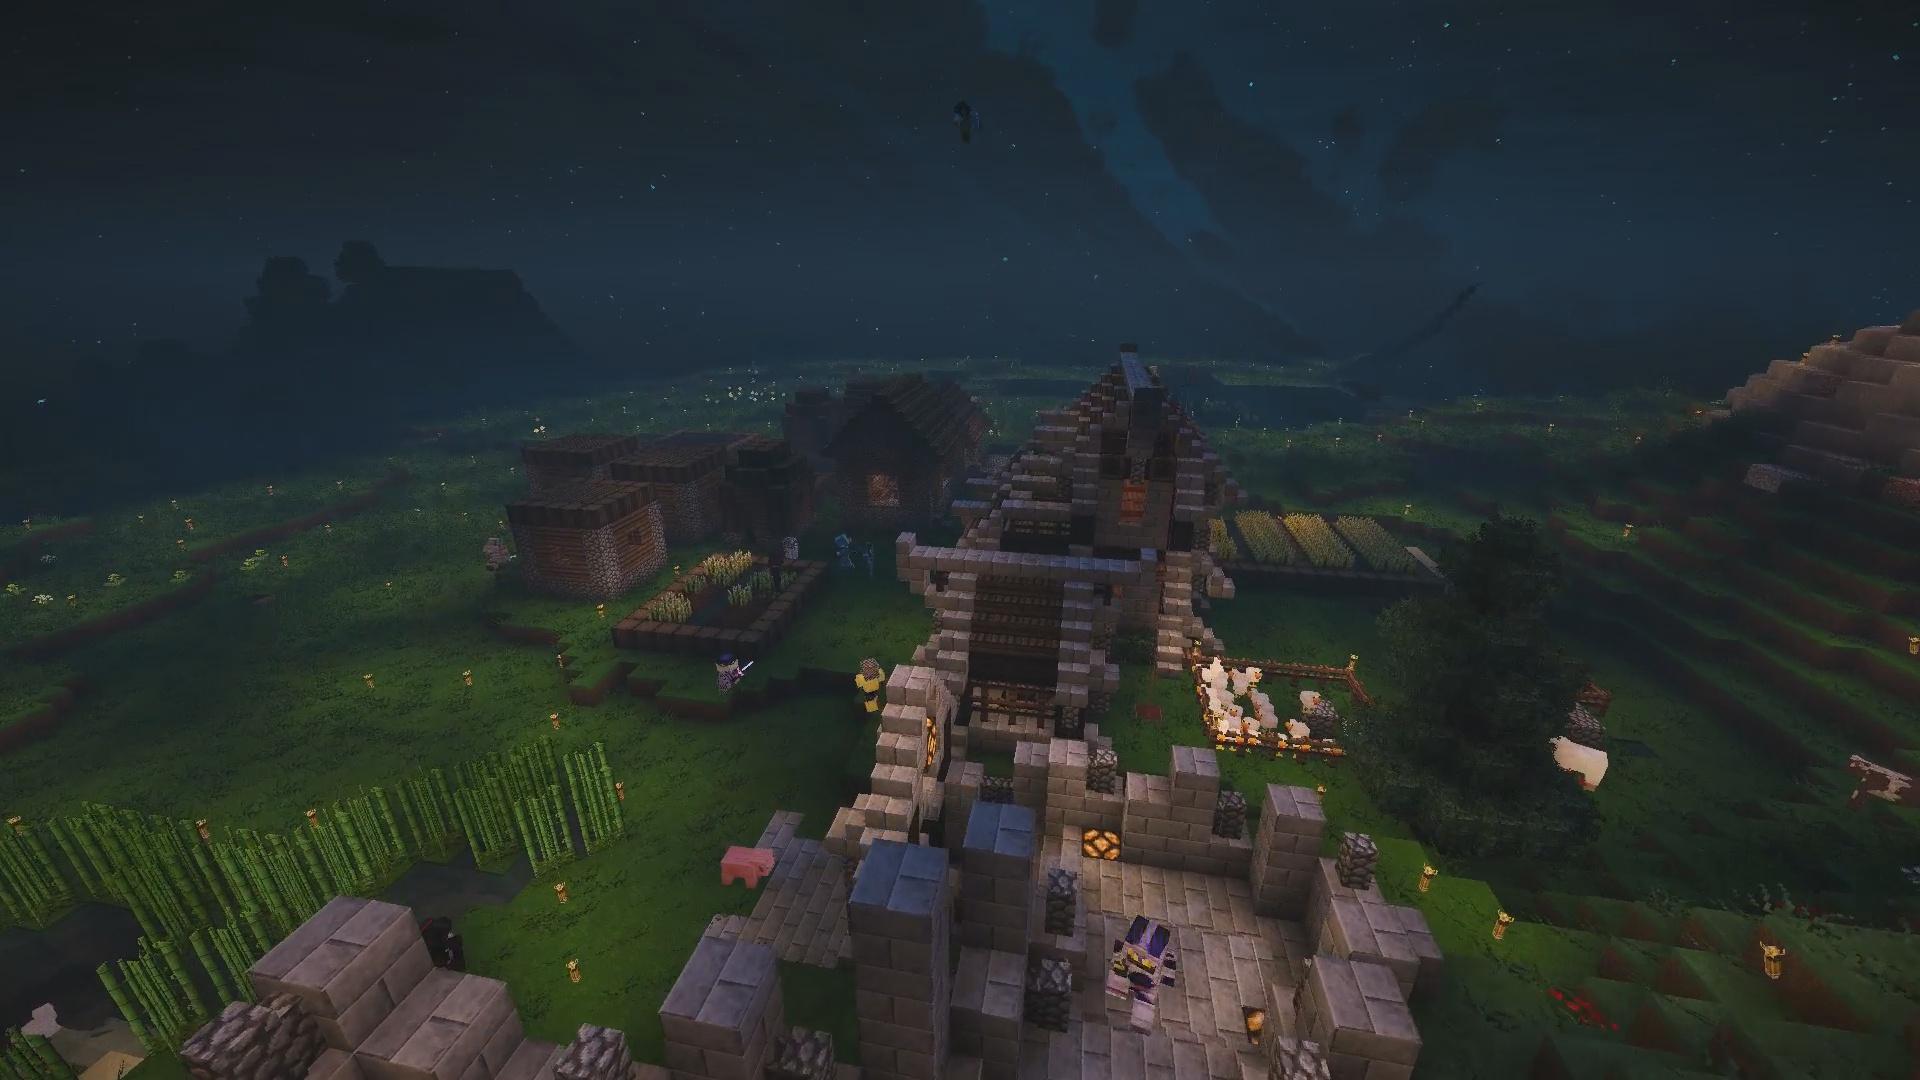 Bienvenue chez neo_light avec son château et sa ville encore en construction !